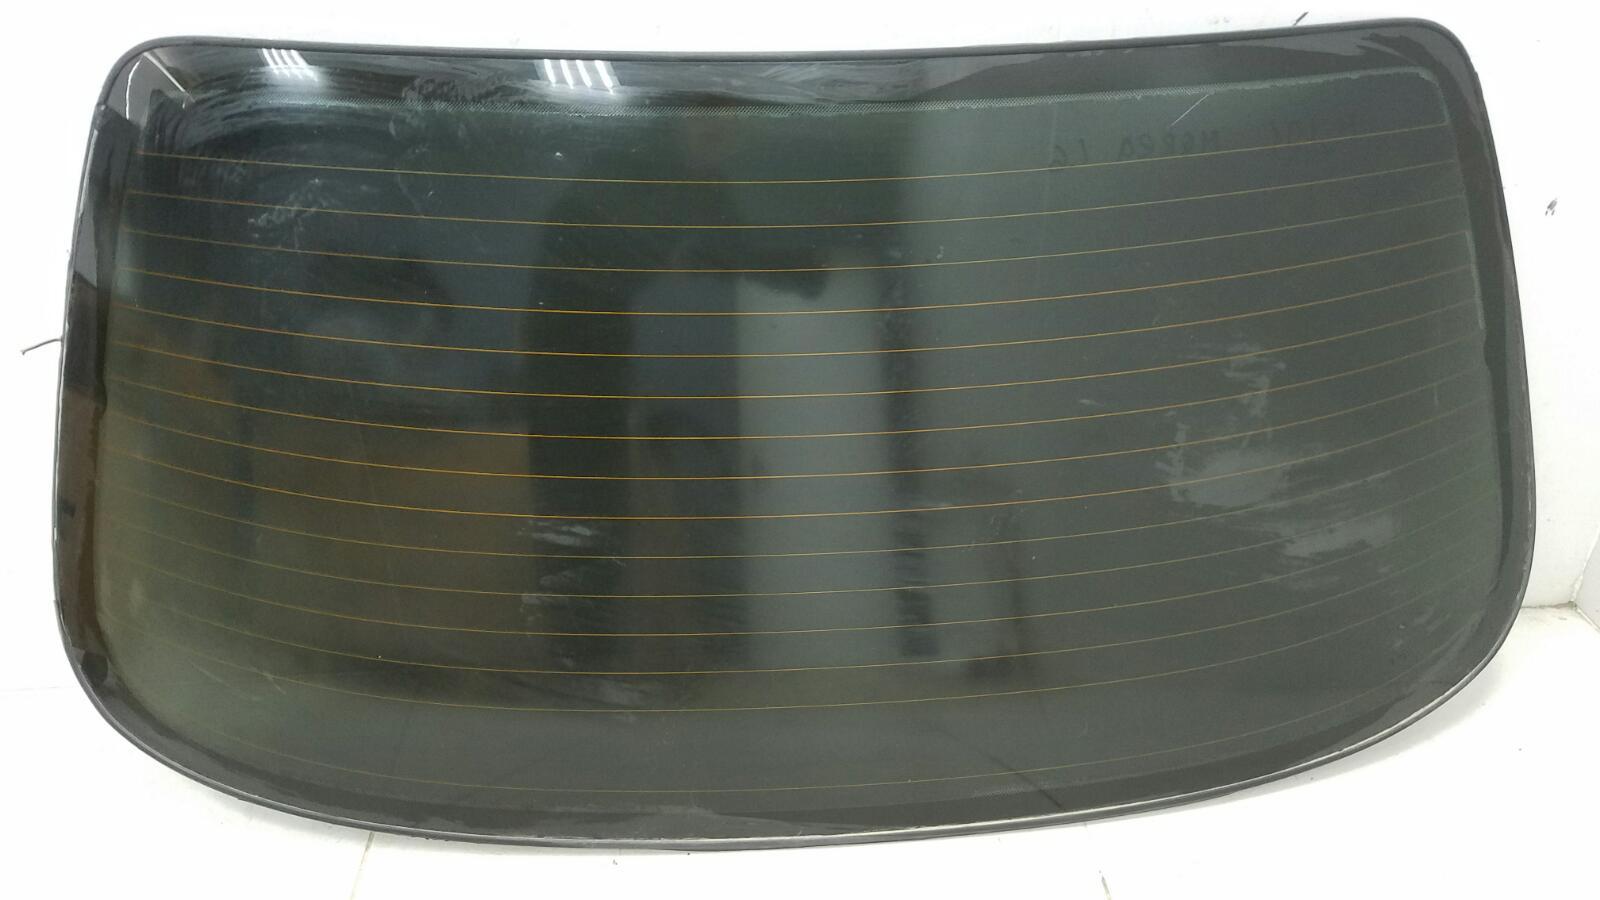 Стекло заднее Fiat Marea 185 182 A4.000 1.6Л 1997